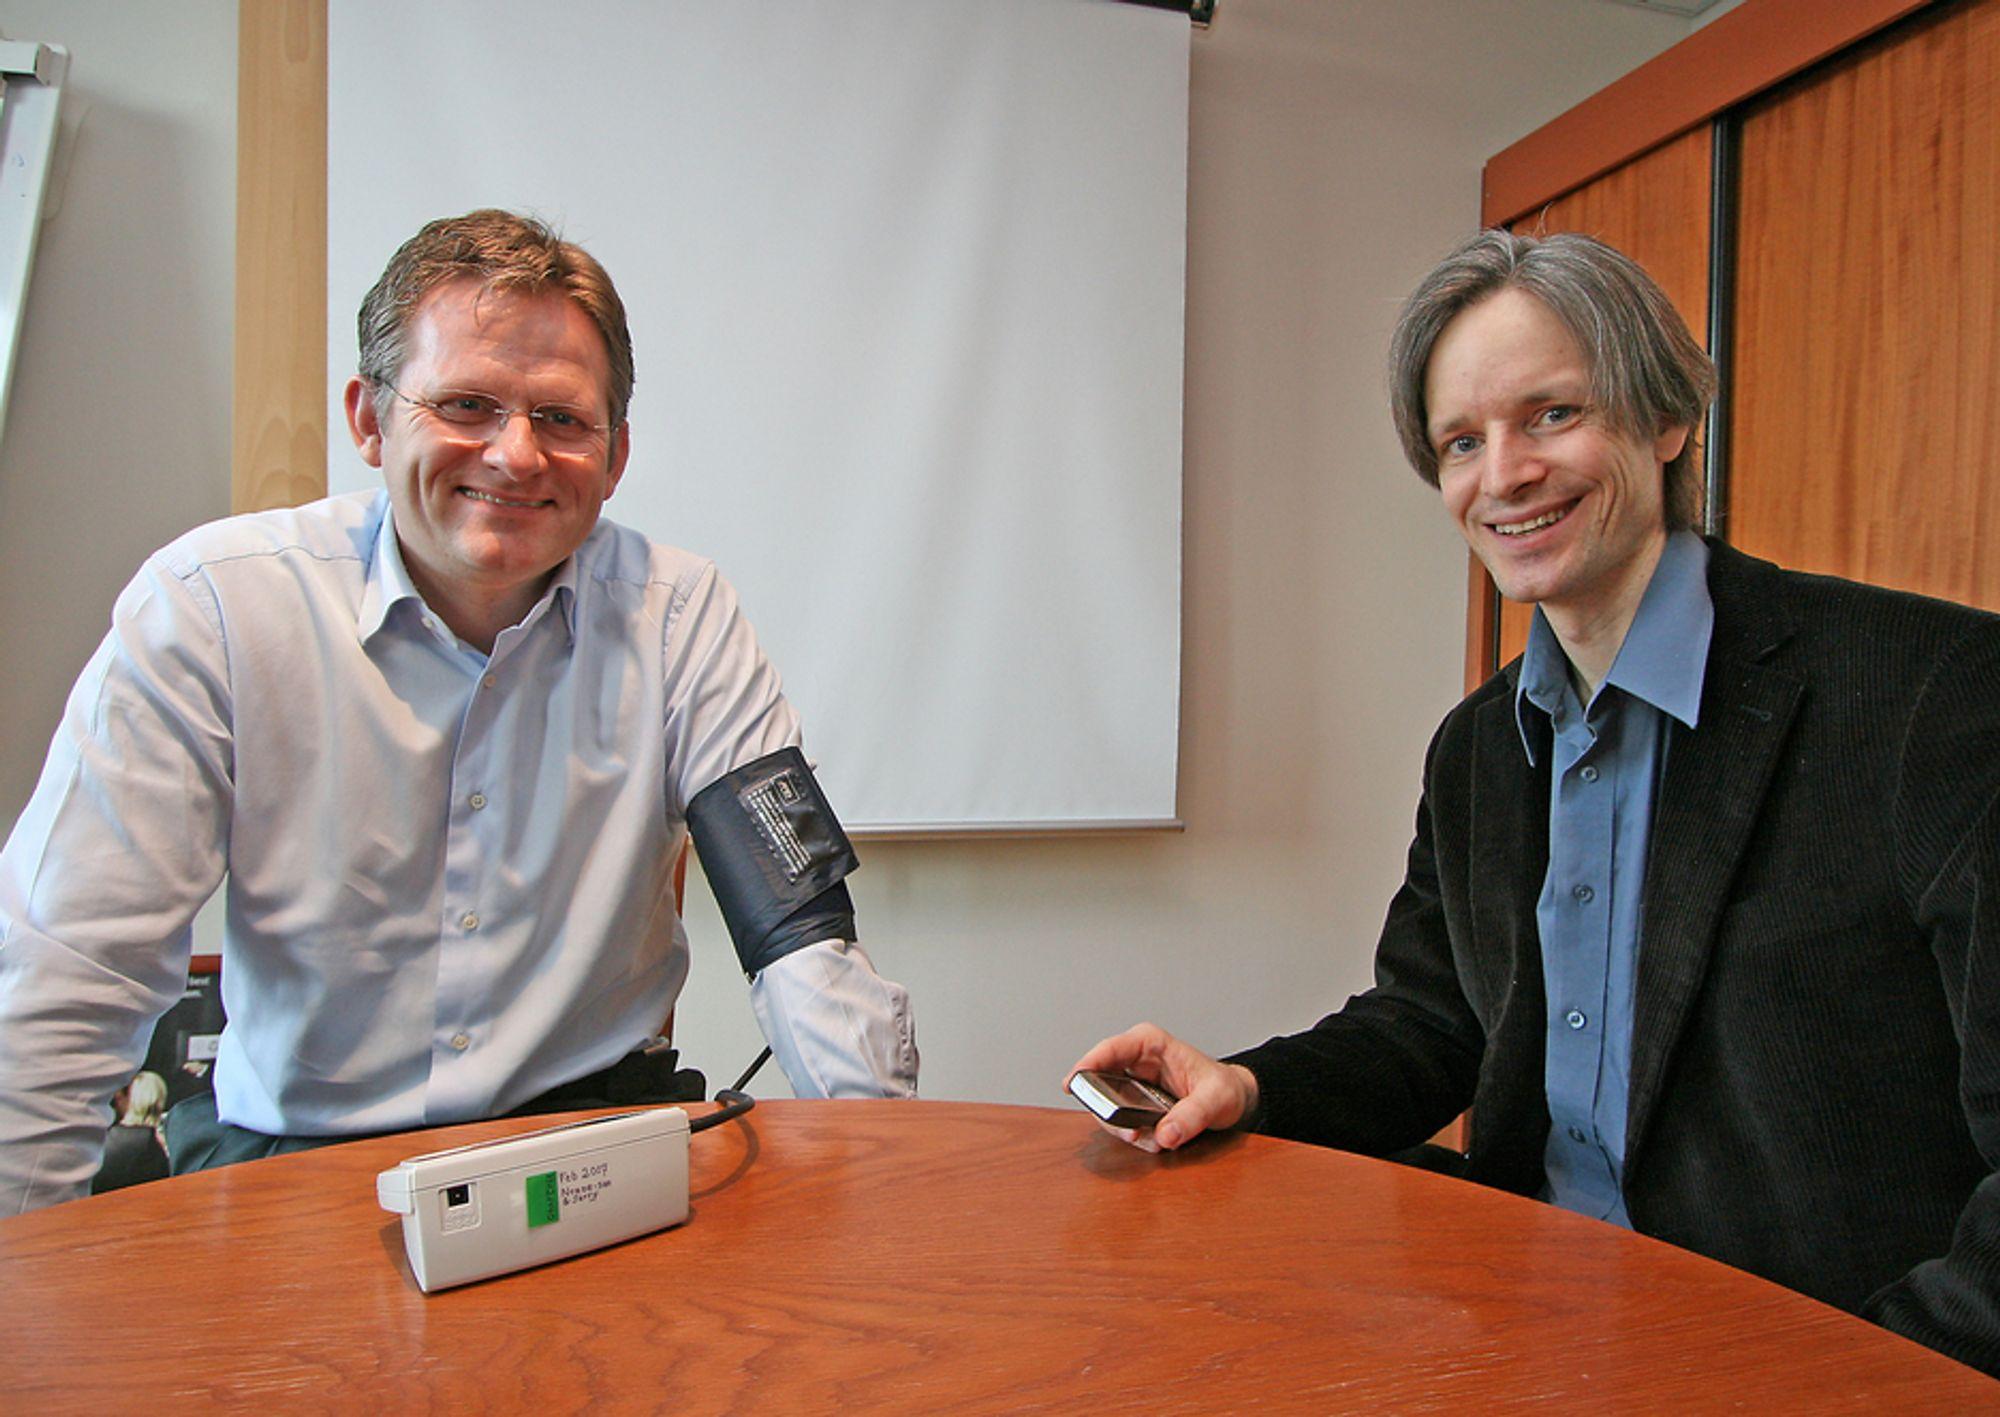 TAR TRYKKET:Adm. direktør i IBM Norge, Morten Thorkildsen får målt blodtrykket og avlesningen dukker opp på mobiltelefonen til forsker ved IBM Zürich Lab, Mike Nidd.